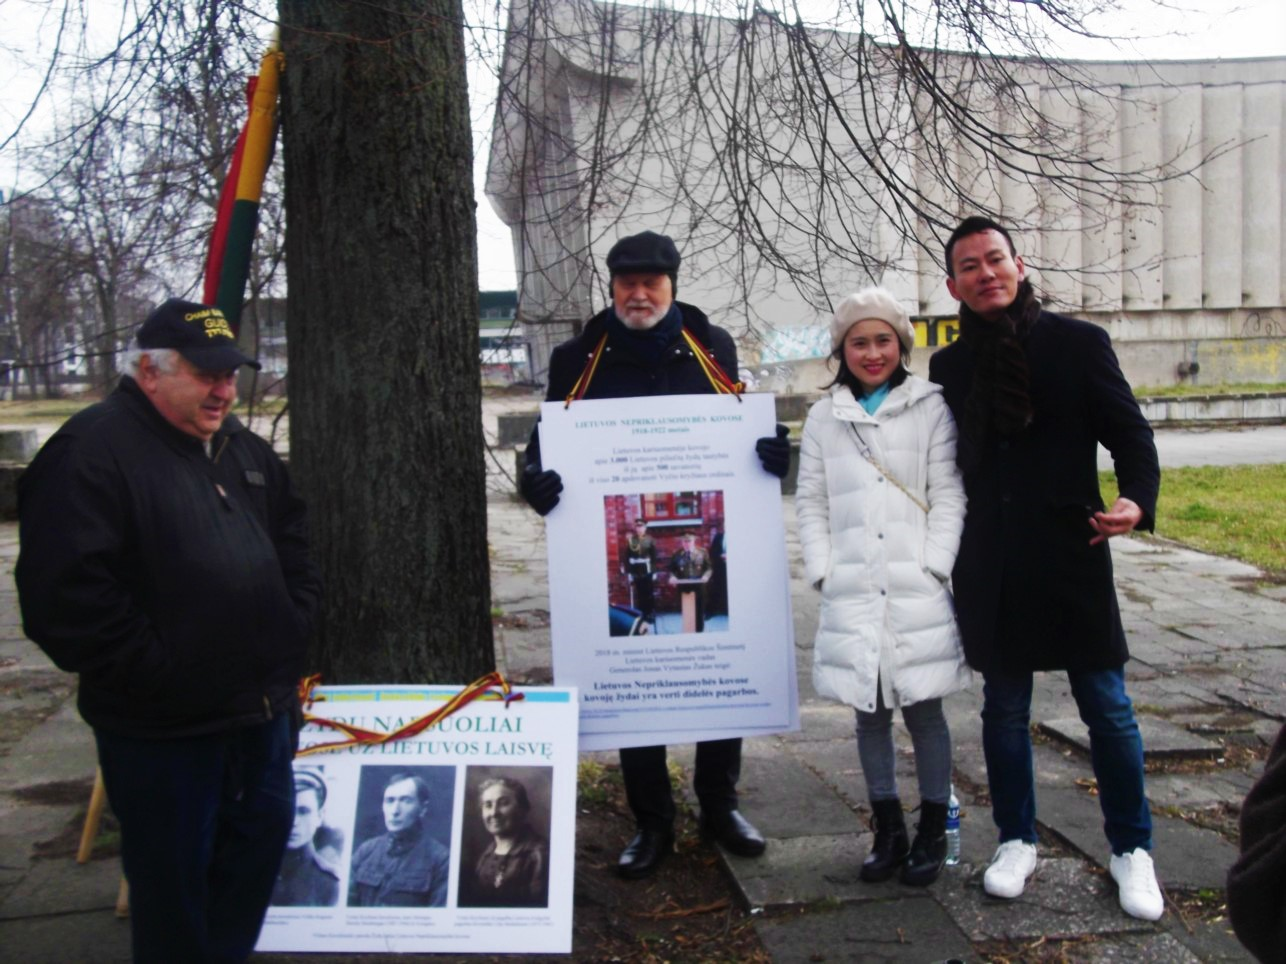 Pagerbti už Lietuvos nepriklausomybę kovoję žydų kariai   rengėjų nuotr.